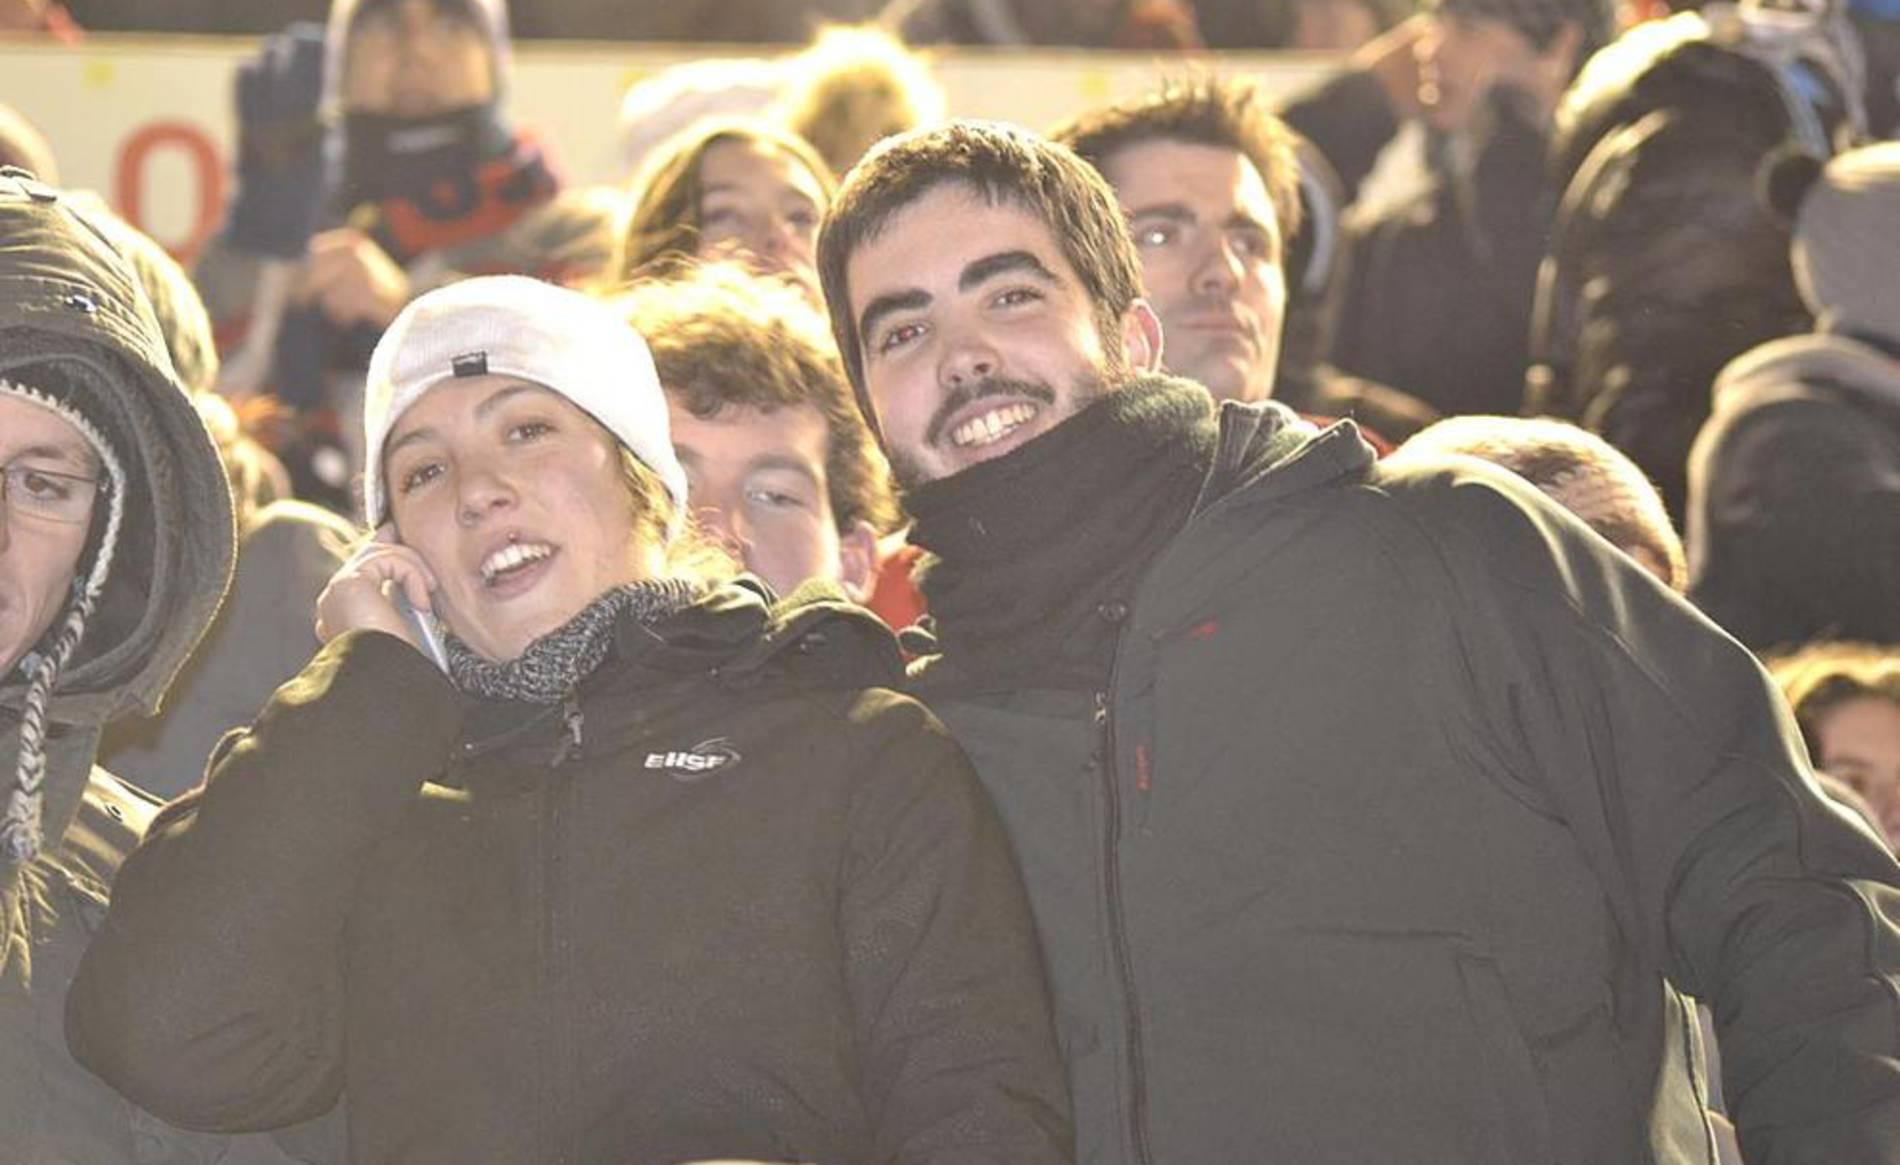 Osasuna-Barça/Búscate en la grada II (1/98) - Los aficionados de Osasuna han disfrutado este sábado de la vicoria de su equipo ante el Barcelona - Osasuna -